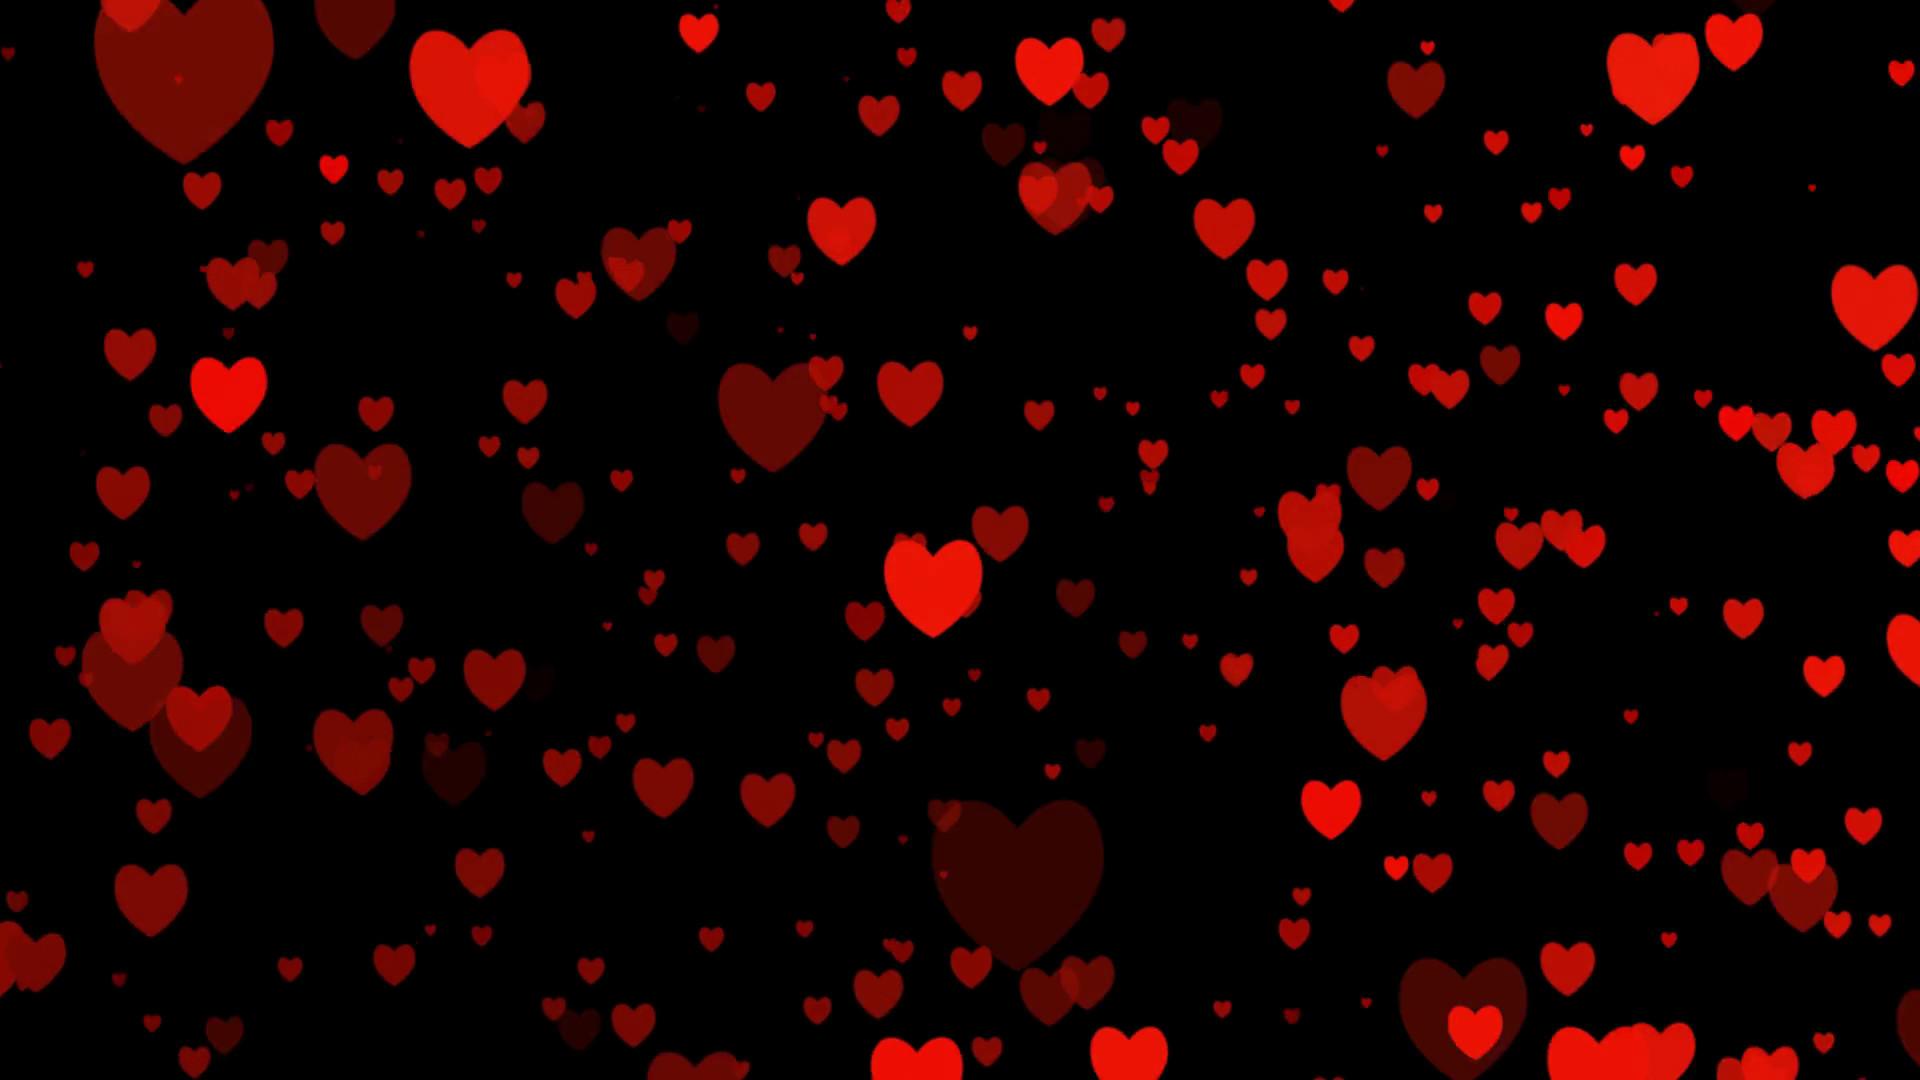 Love Iphone Cute Broken Hearted Wallpaper Hd Wallpaper Black Heart Beat Girls Dp